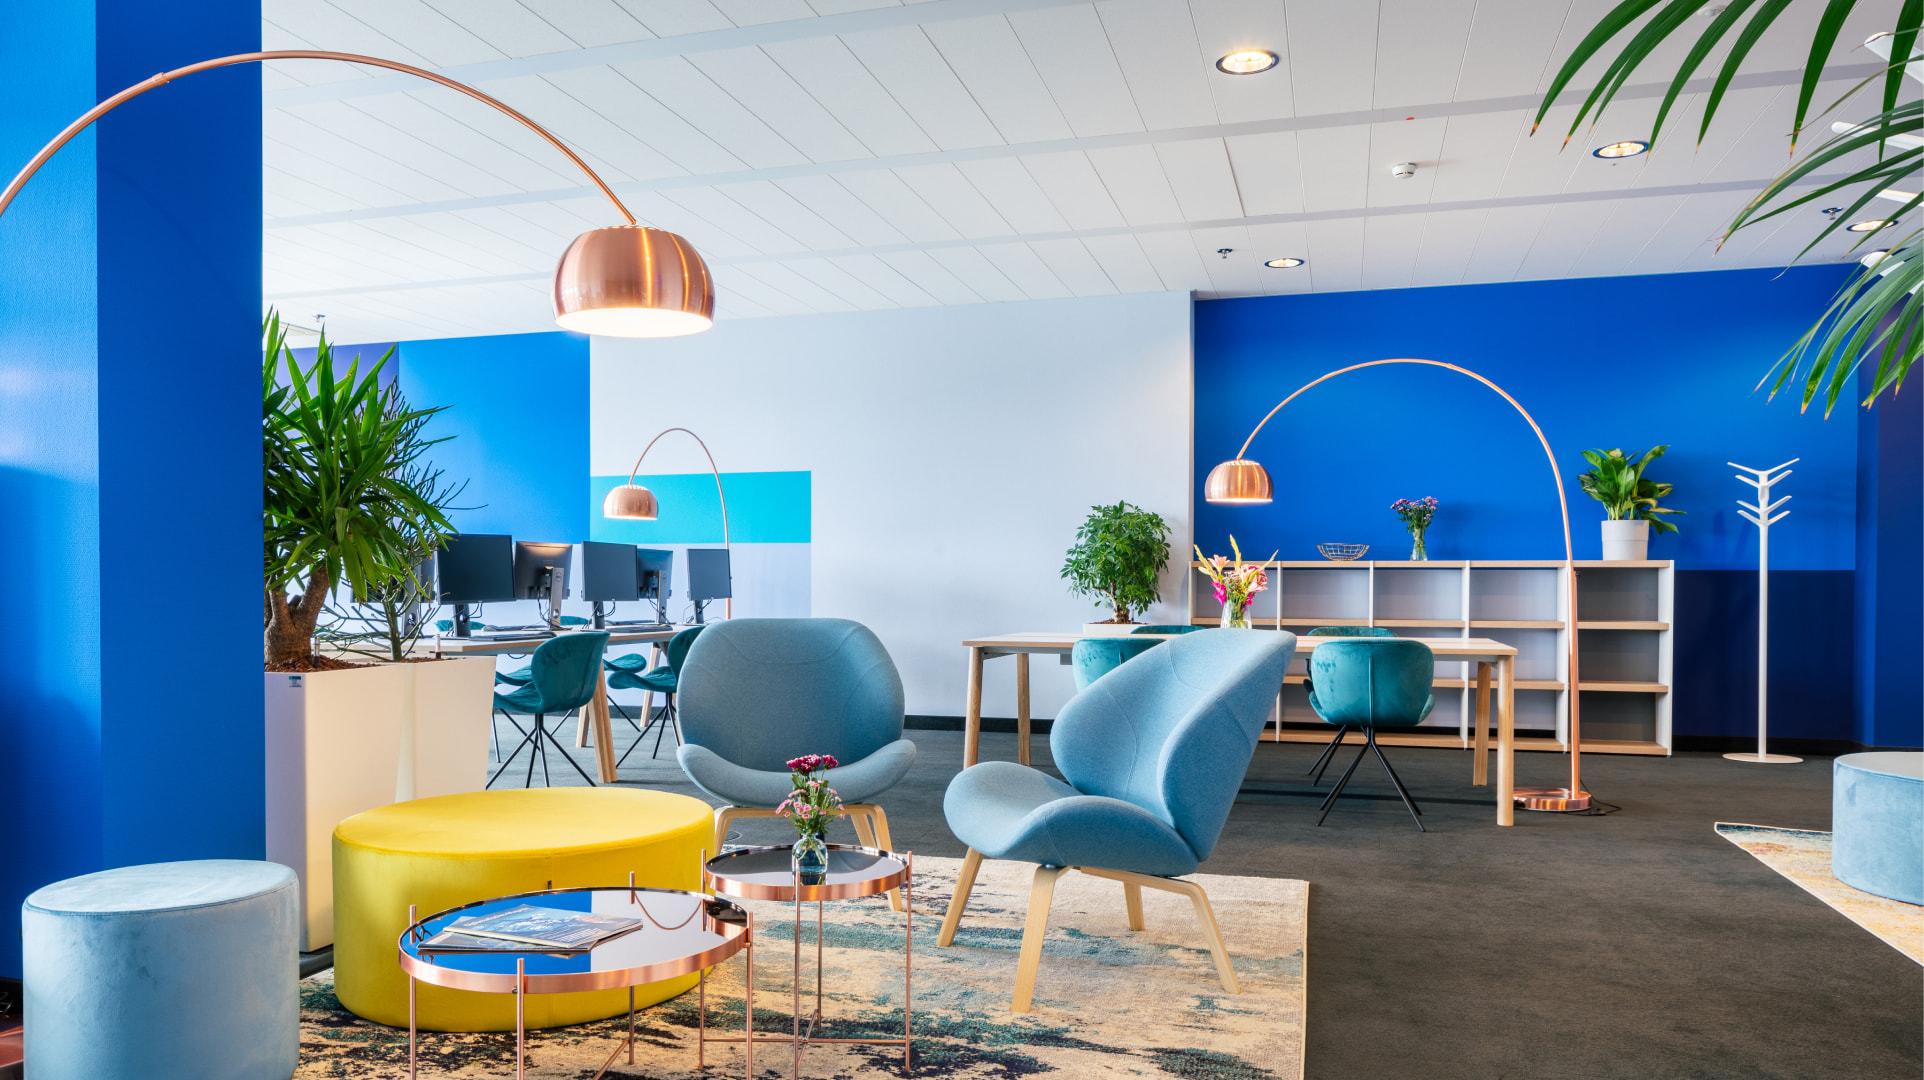 finleap Loungebereich mit Sesseln und Lampen